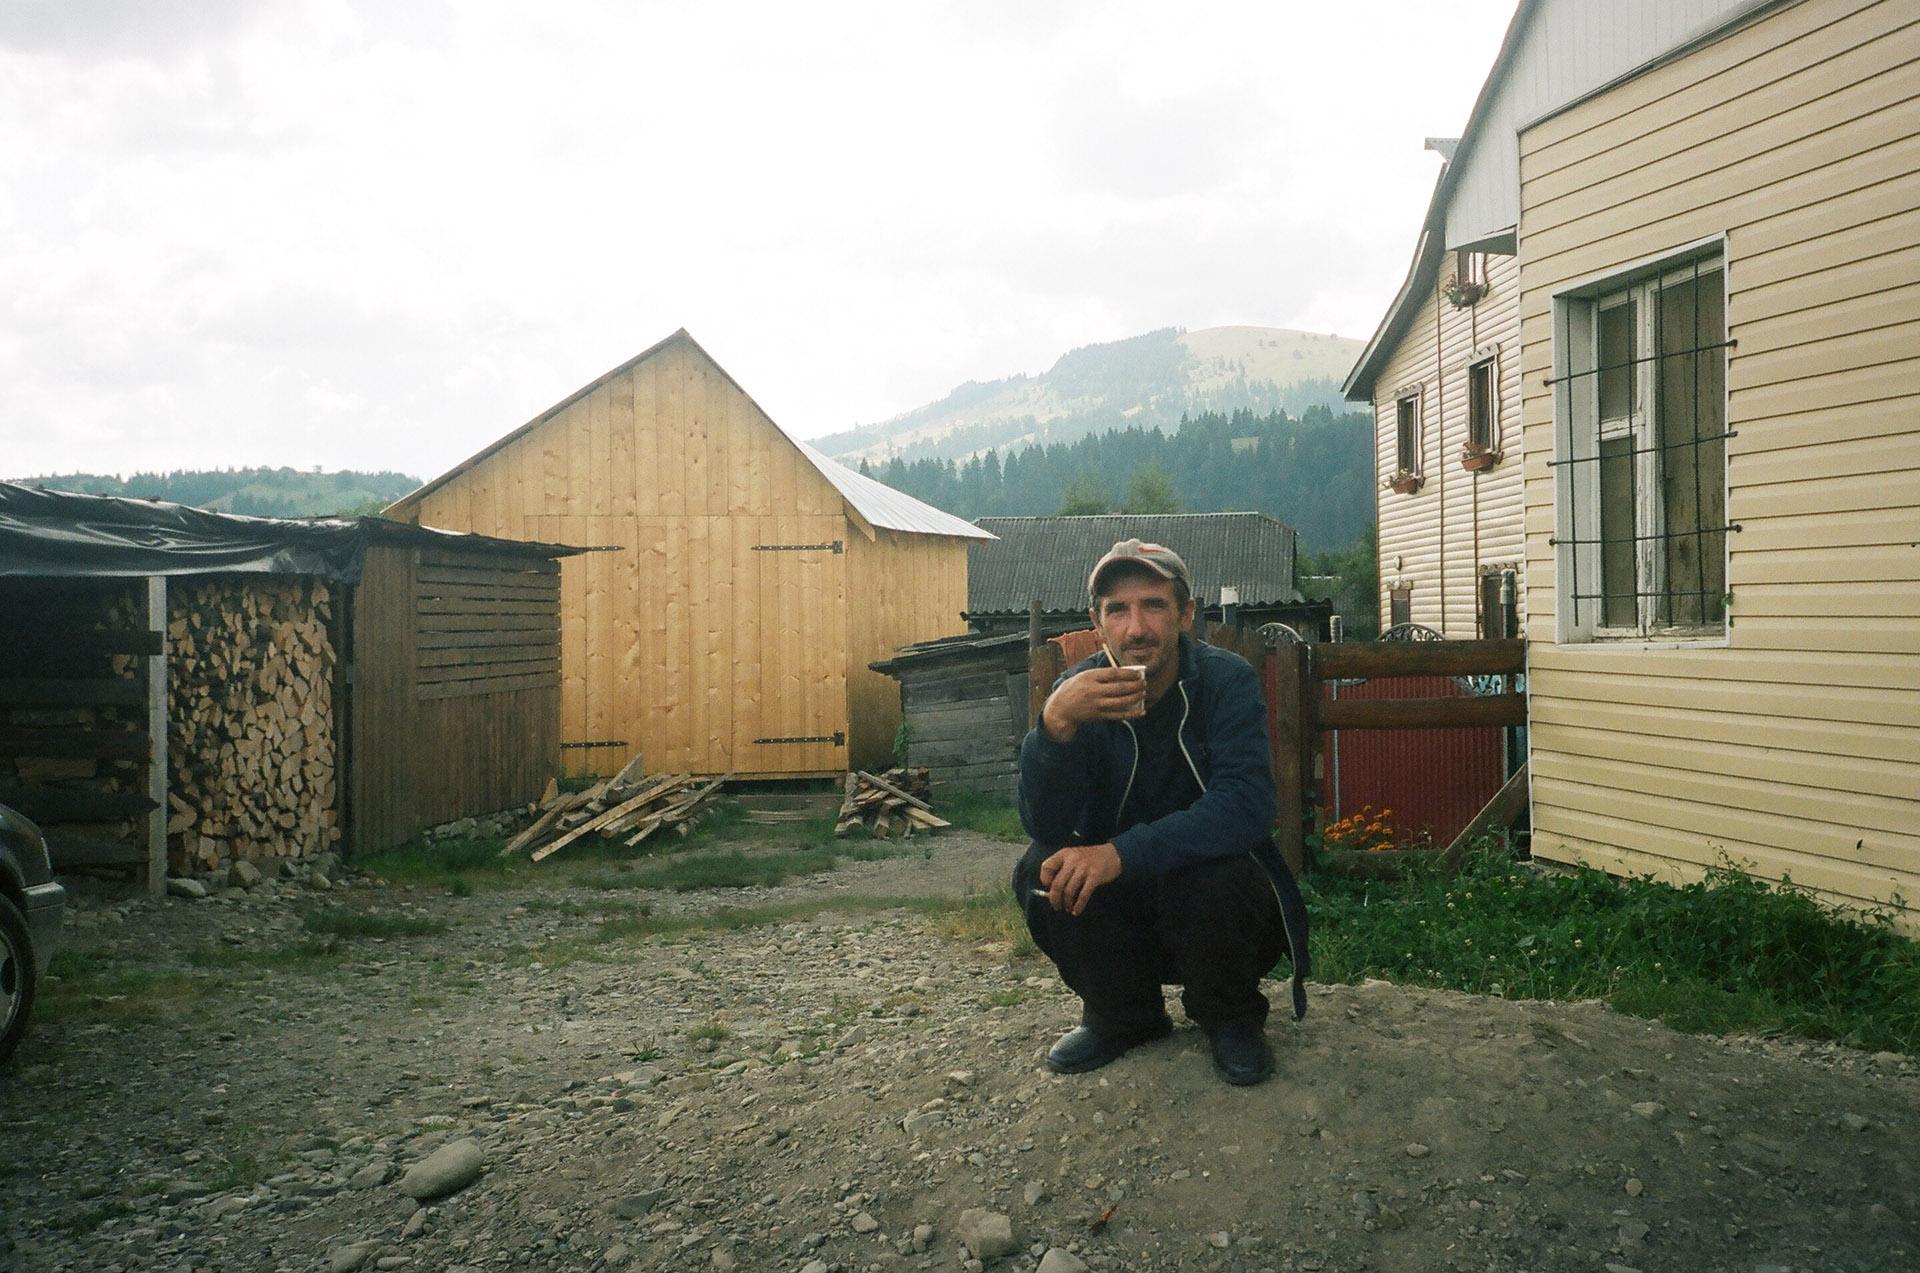 Людина, що стоїть перед будинком